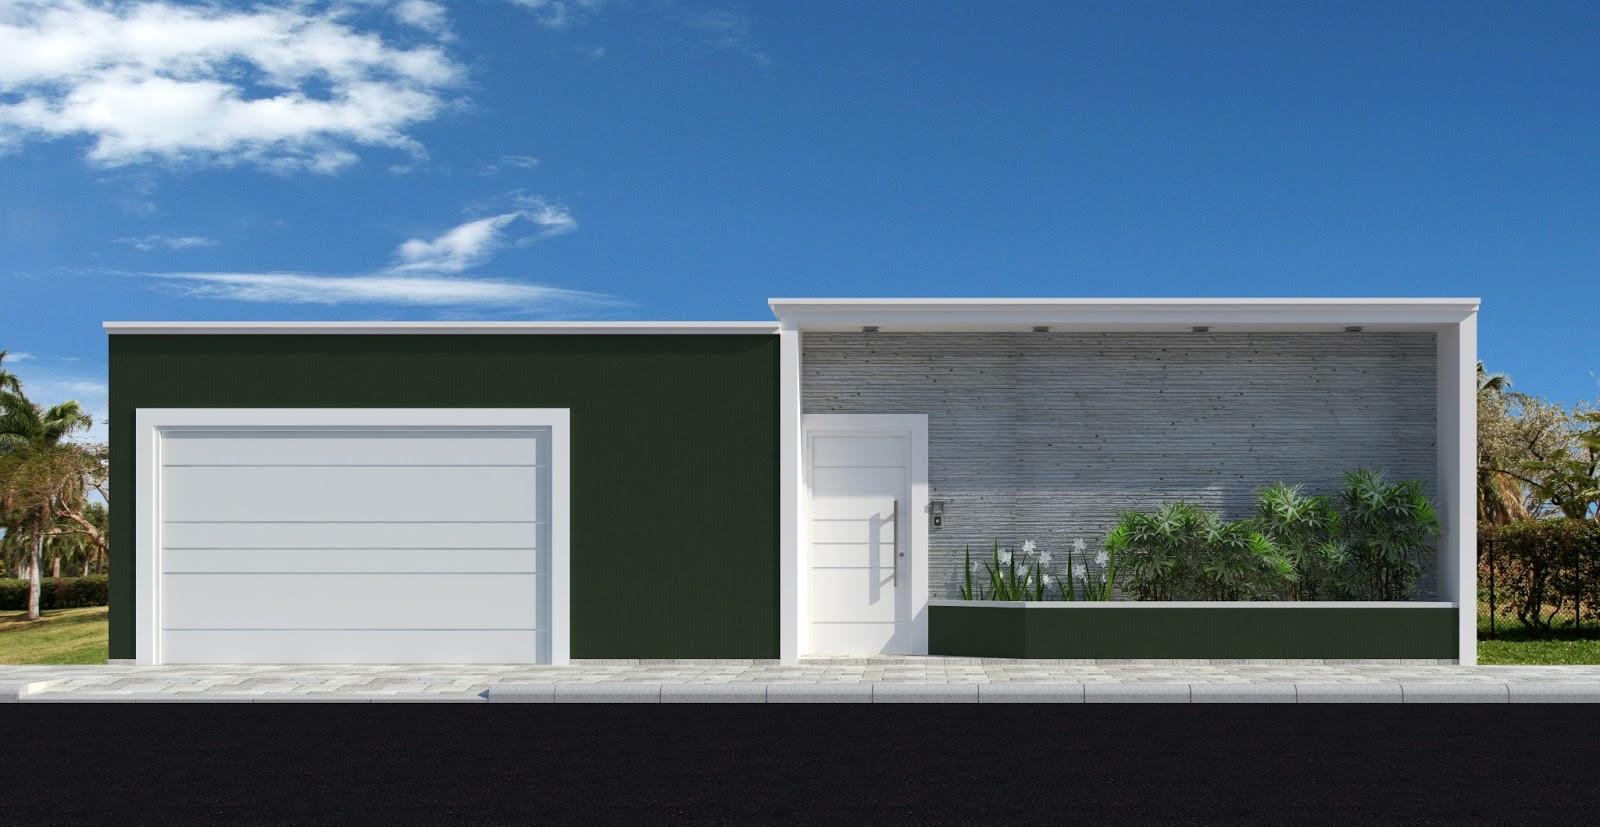 16 modelos de fachadas de casas pequenas e modernas for Casa moderna l